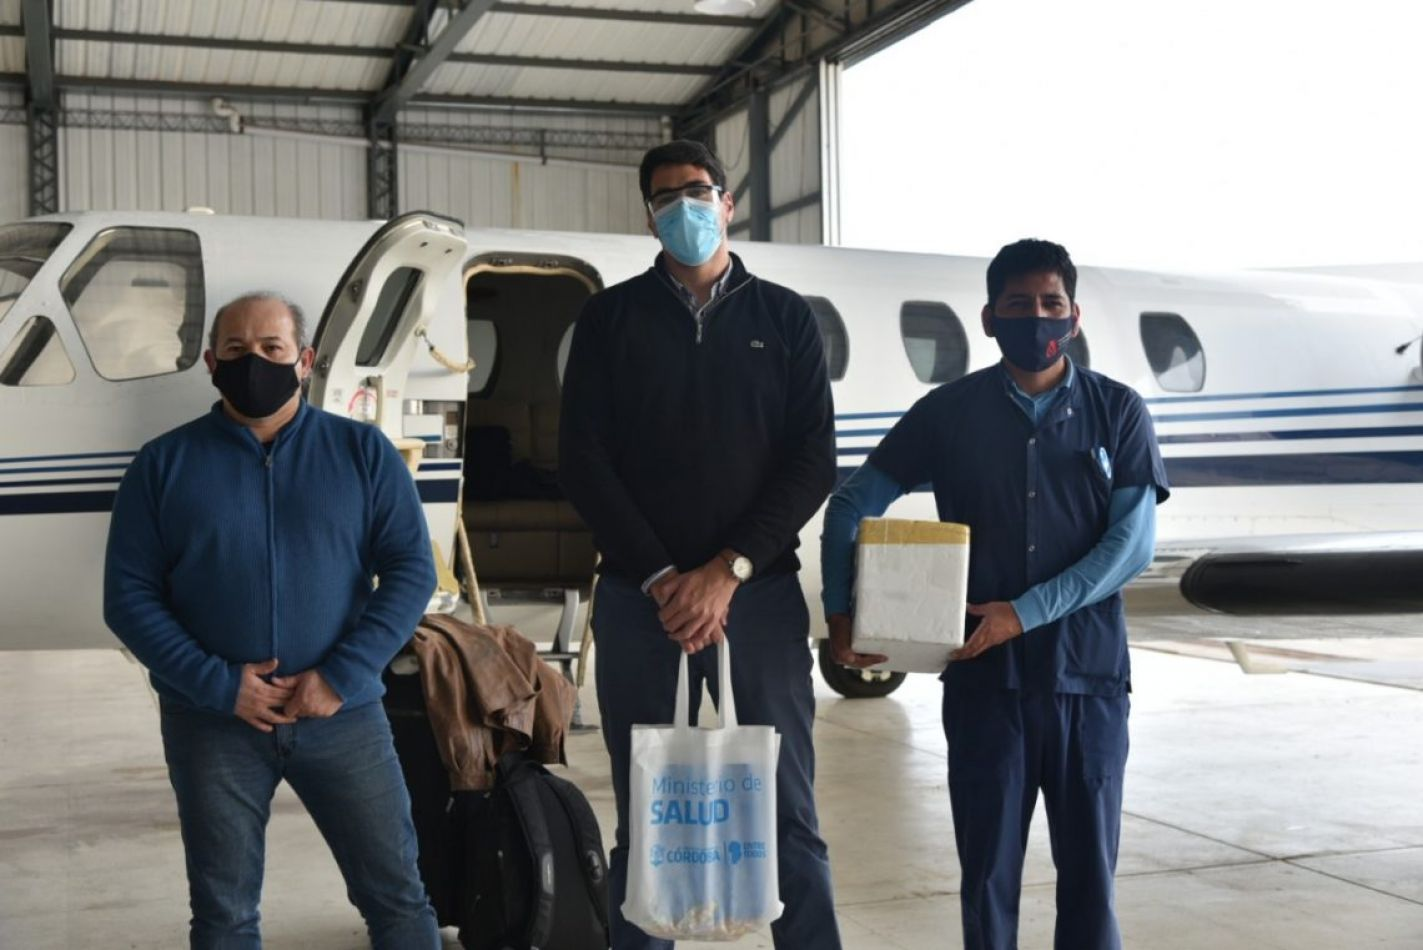 Foto: Prensa Jujuy. Llegada a Jujuy de los profesionales de la salud desde Córdoba